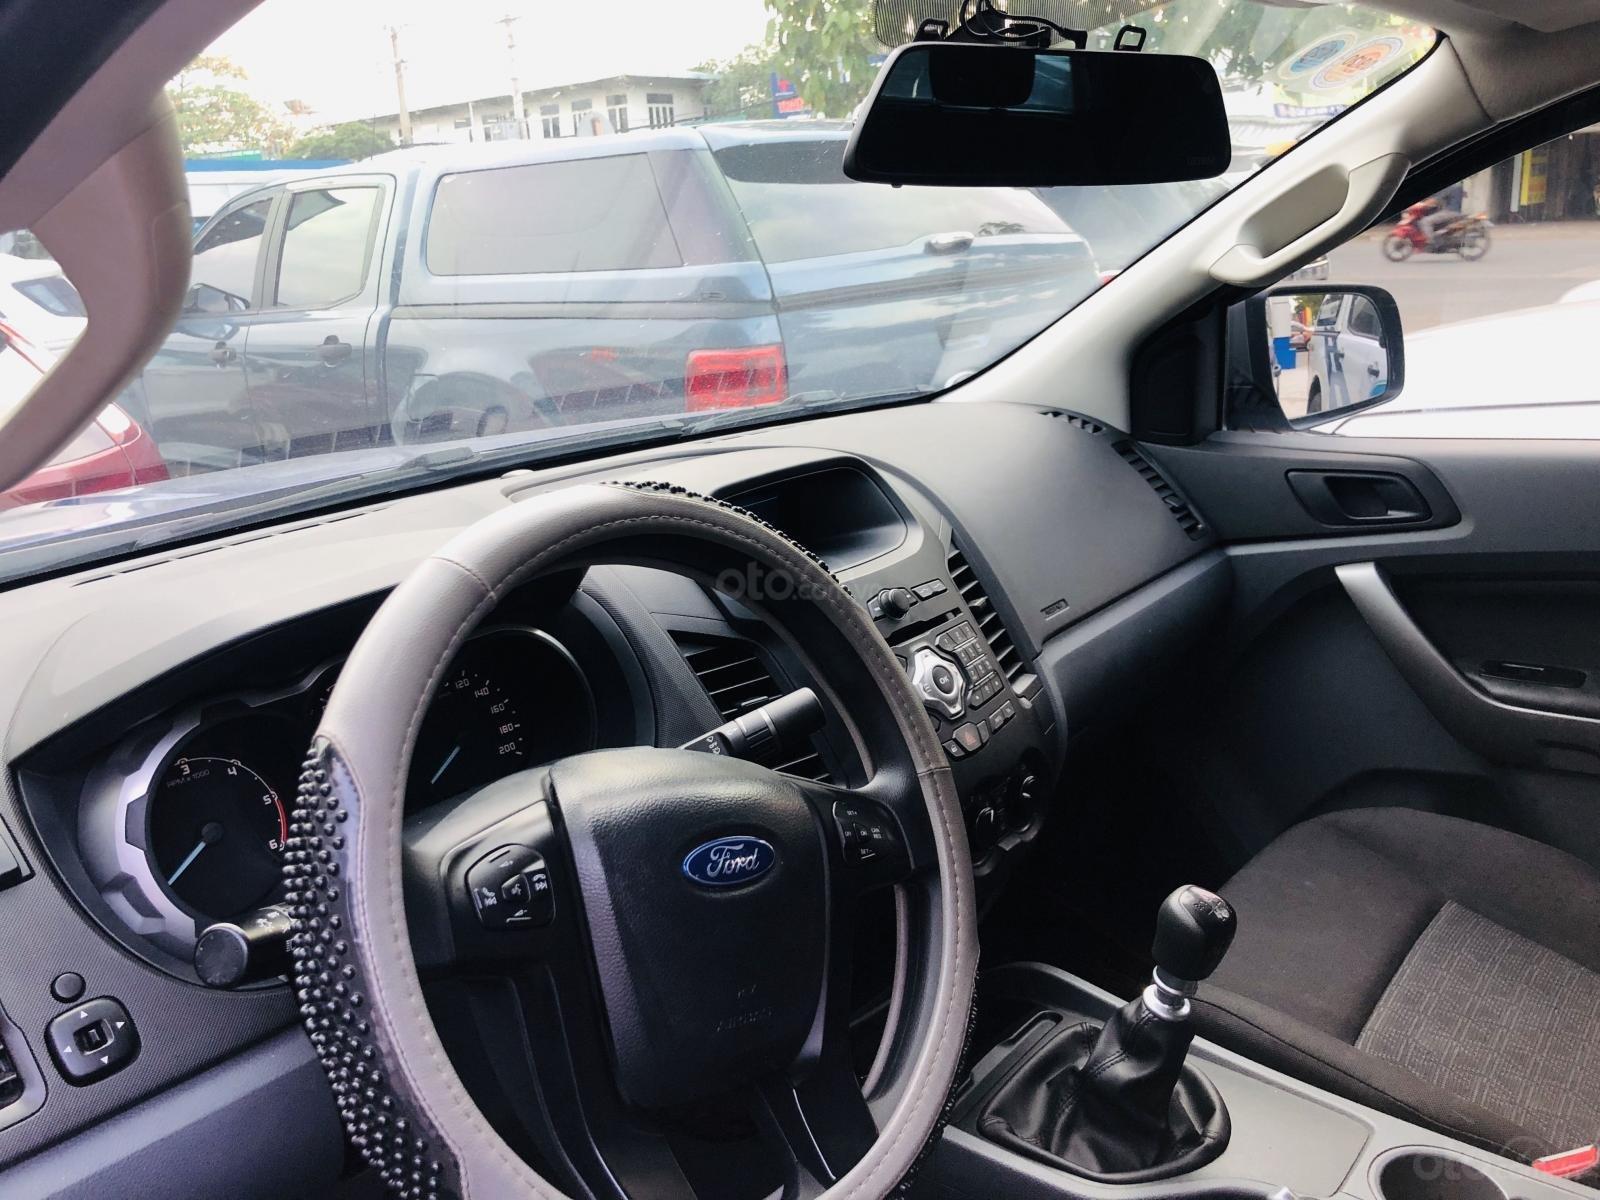 Cần bán lại xe Ford Ranger năm 2017, màu xanh lam mới 95% giá chỉ 563 triệu đồng (4)